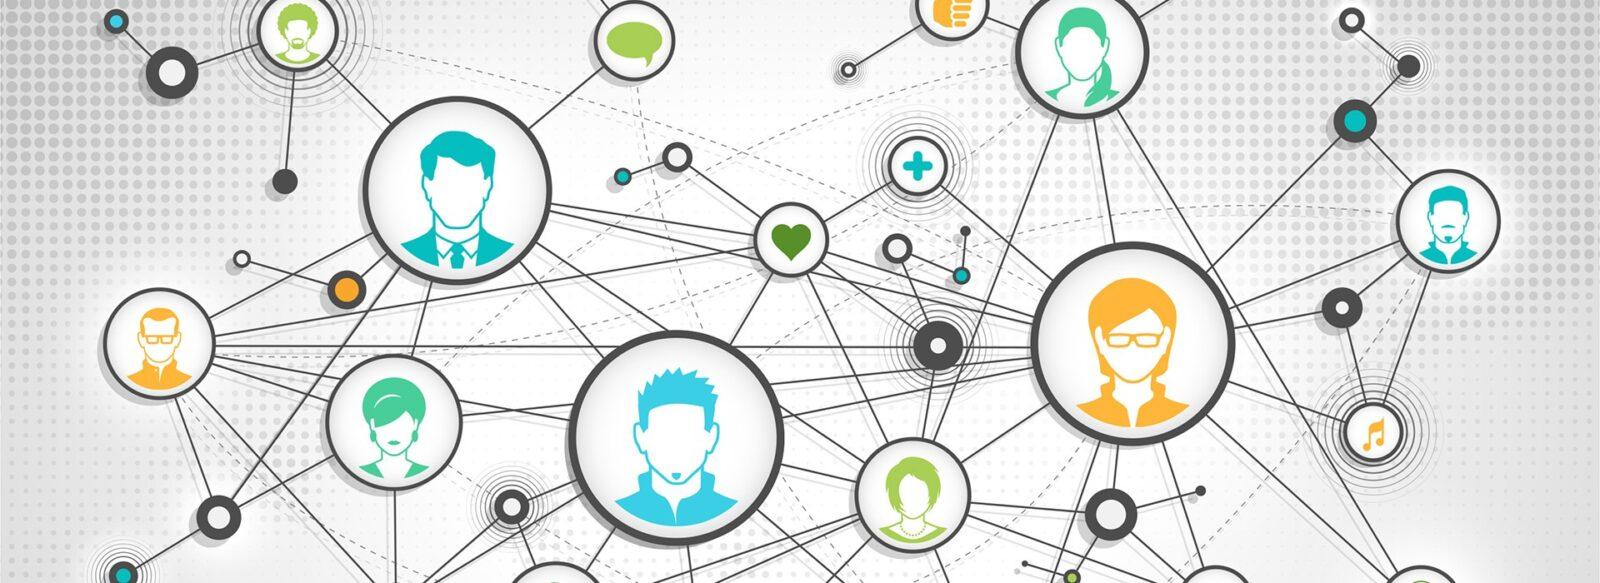 Network Çözümleriyle Karşınızda Saynet Bilişim